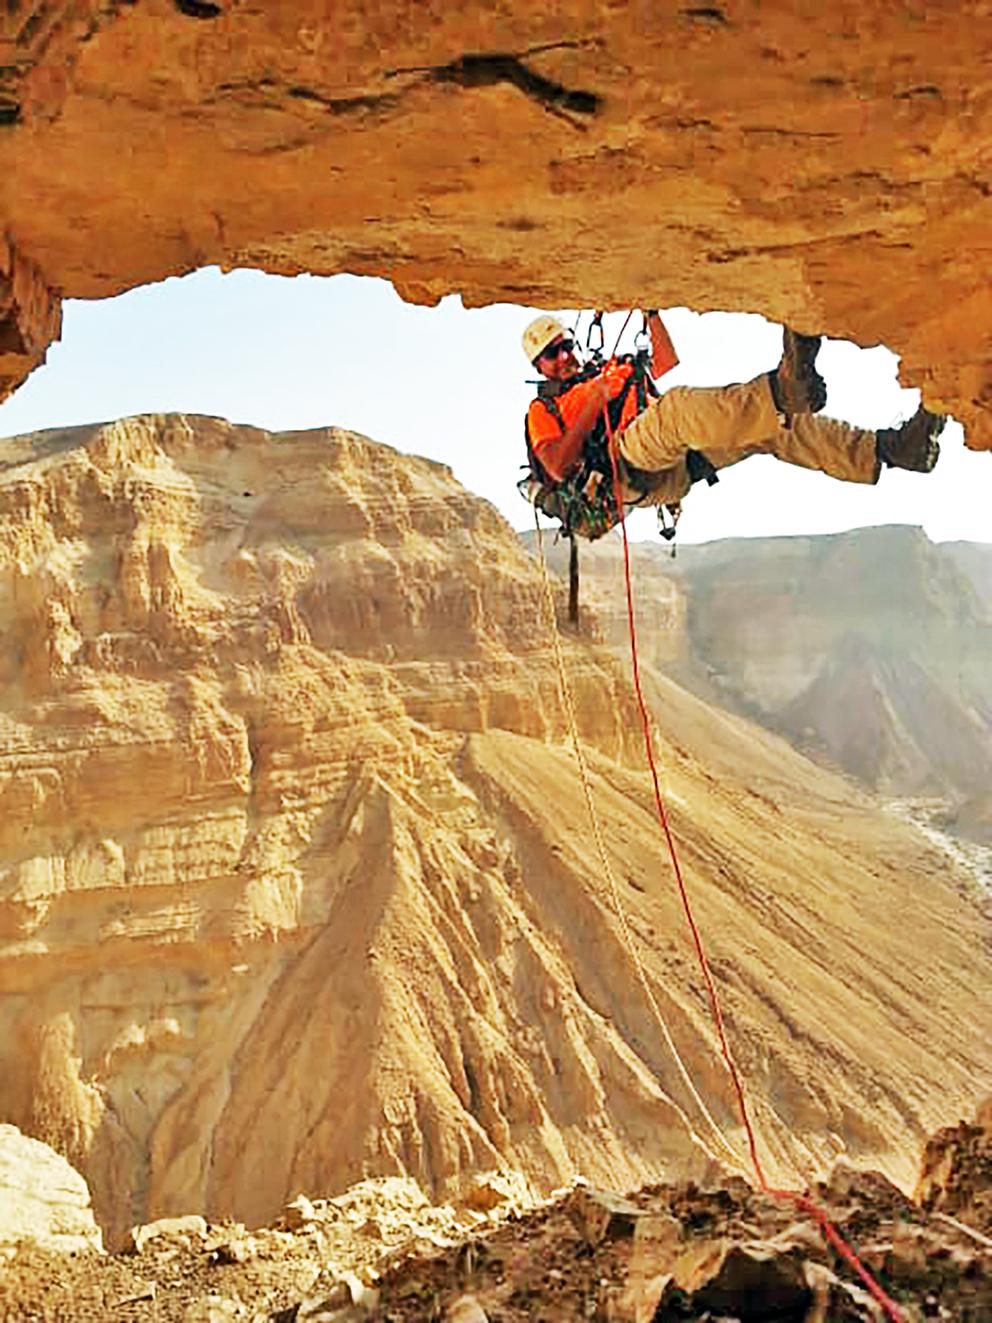 Det er en krevende oppgave å gjennomsøke huler i ørkenfjellene for å finne arkeologiske skatter før tyvene tar dem.  (Foto: Eitan Klein, Shai Halevi, IAA)